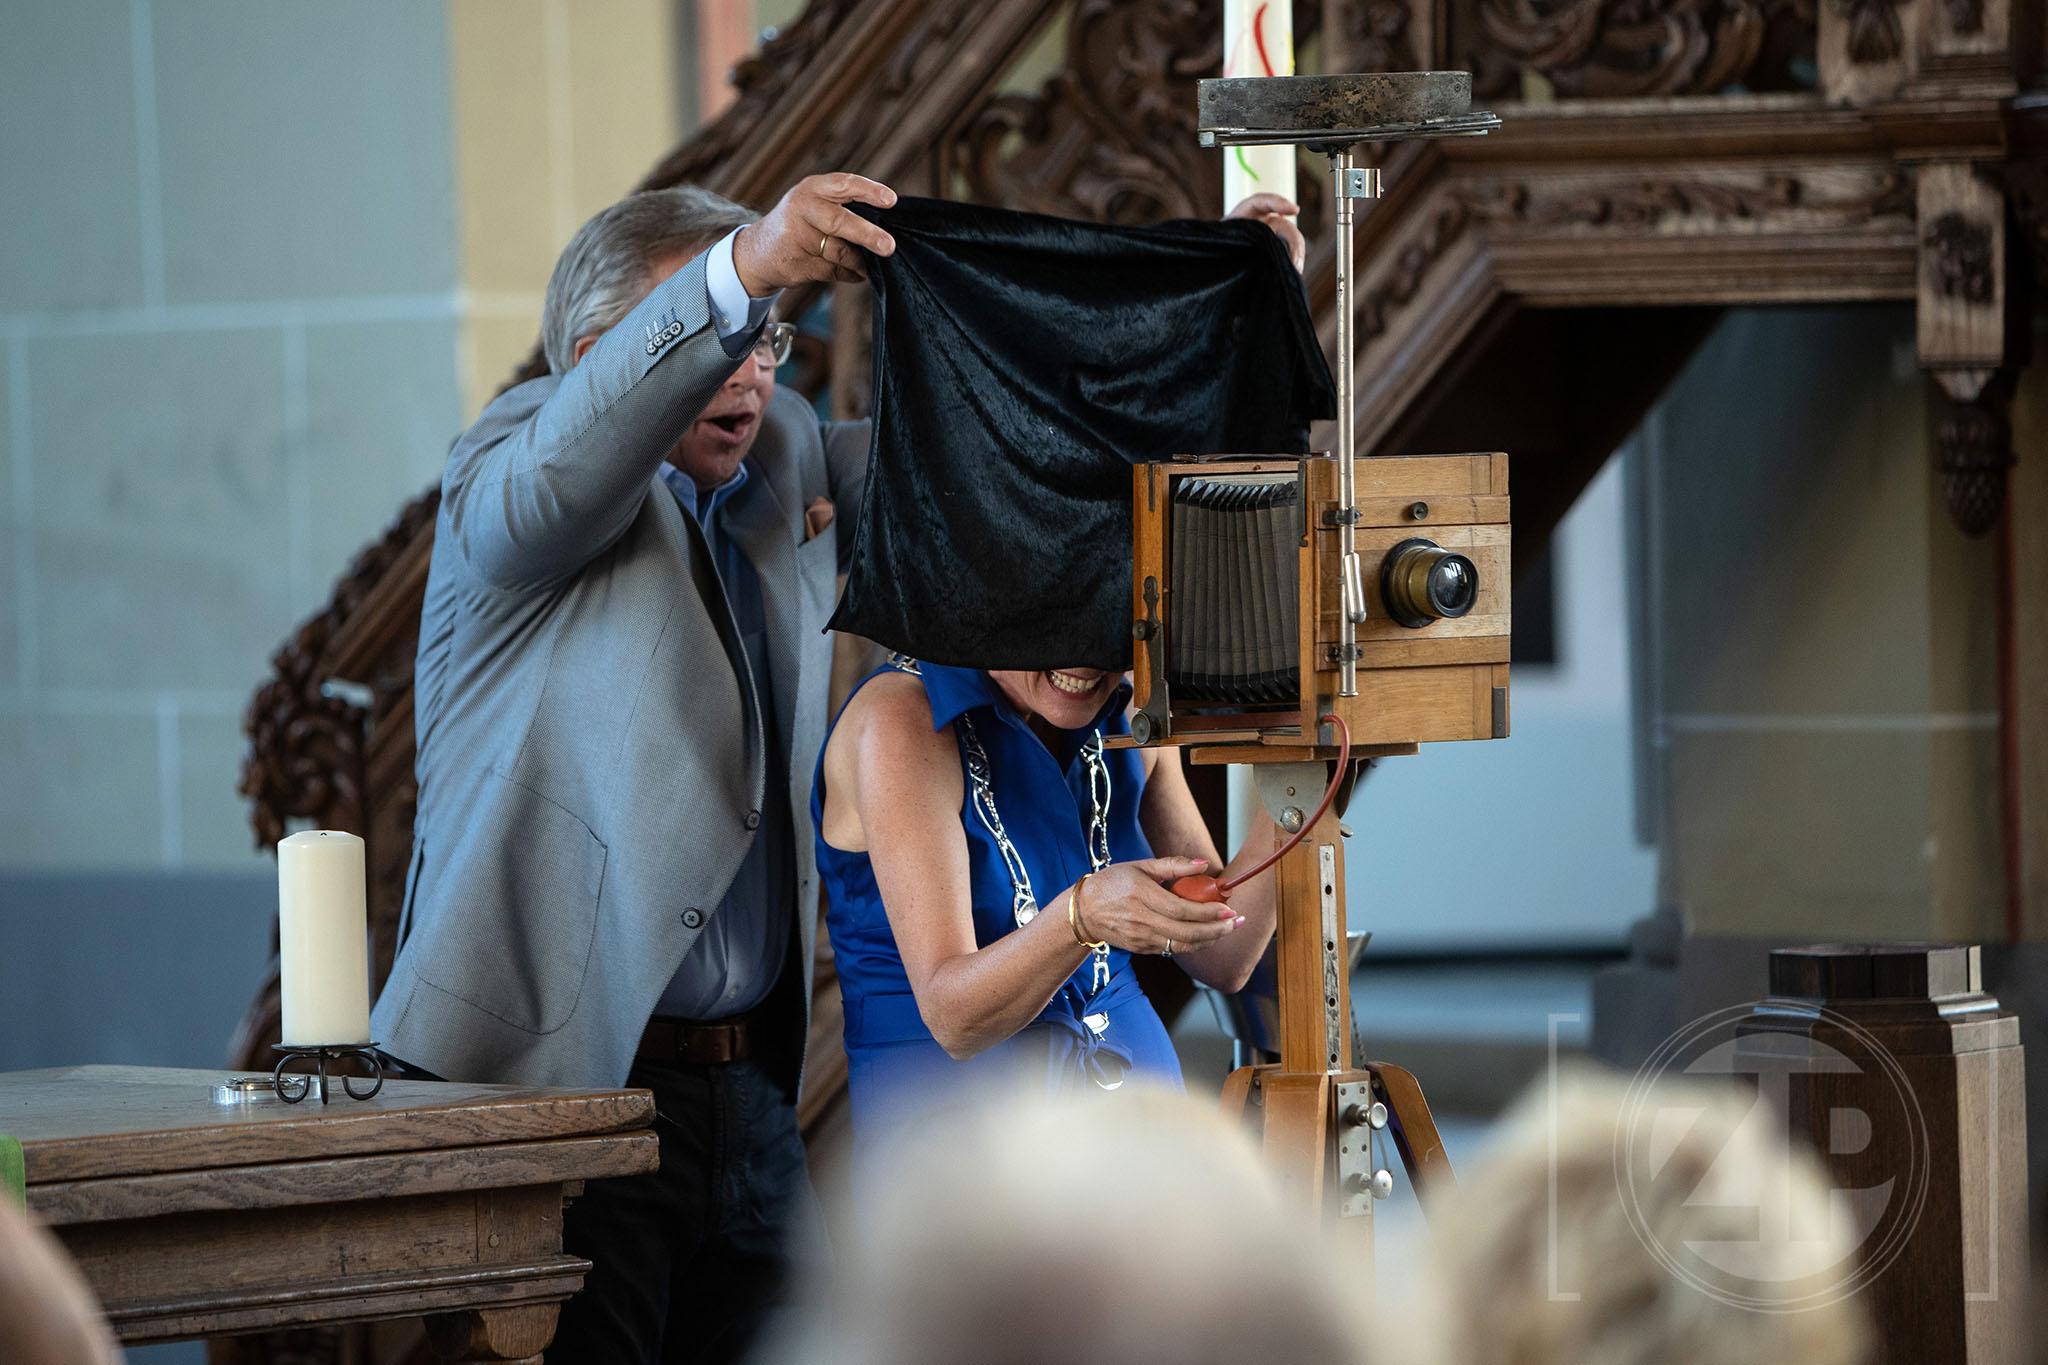 Opening van de World Press Photo tentoonstelling in de Walburgiskerk te Zutphen. Foto Patrick van Gemert, Zutphens Persbureau